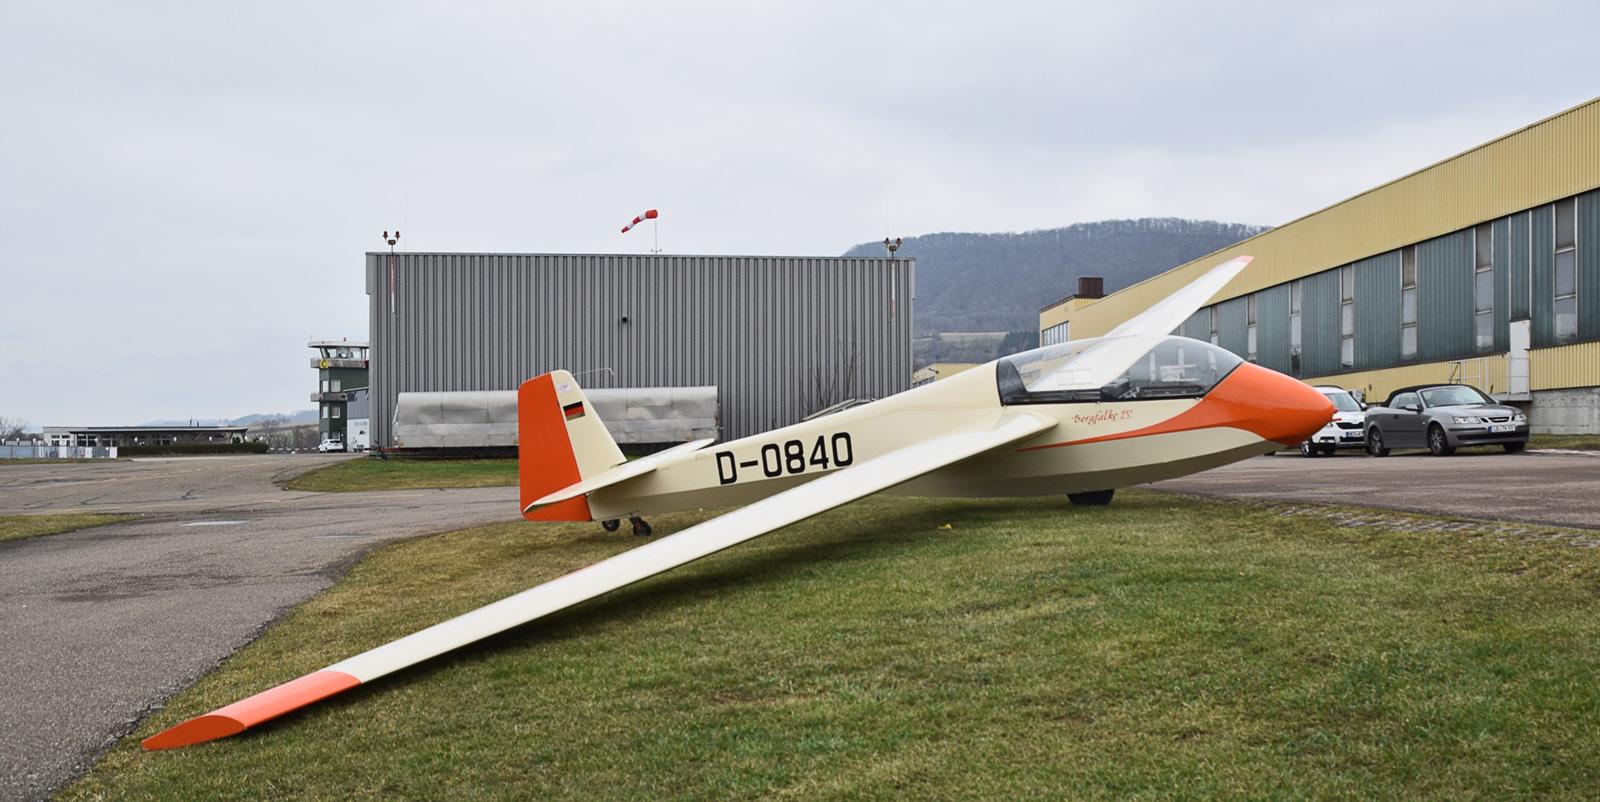 D 0840 - Flugzeuge